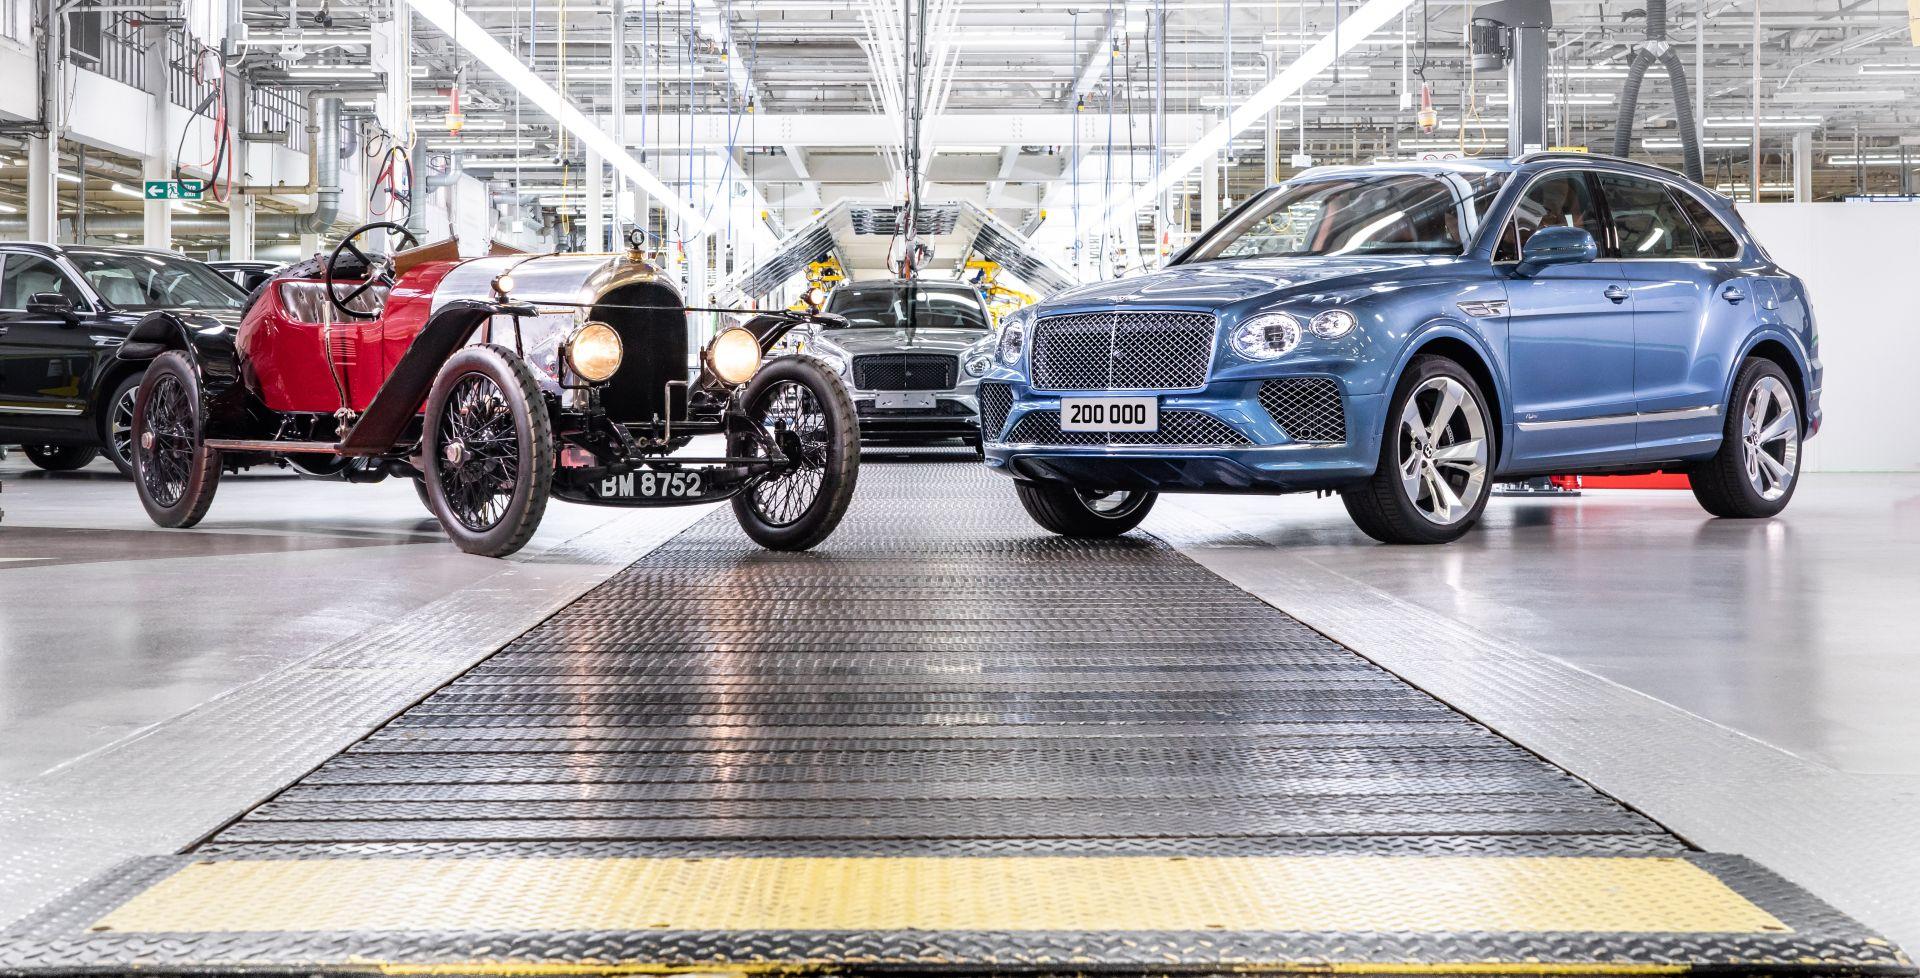 Bentley proizveo 200.000 automobila, a najjeftiniji novi na tržištu košta tek 3.500 kuna